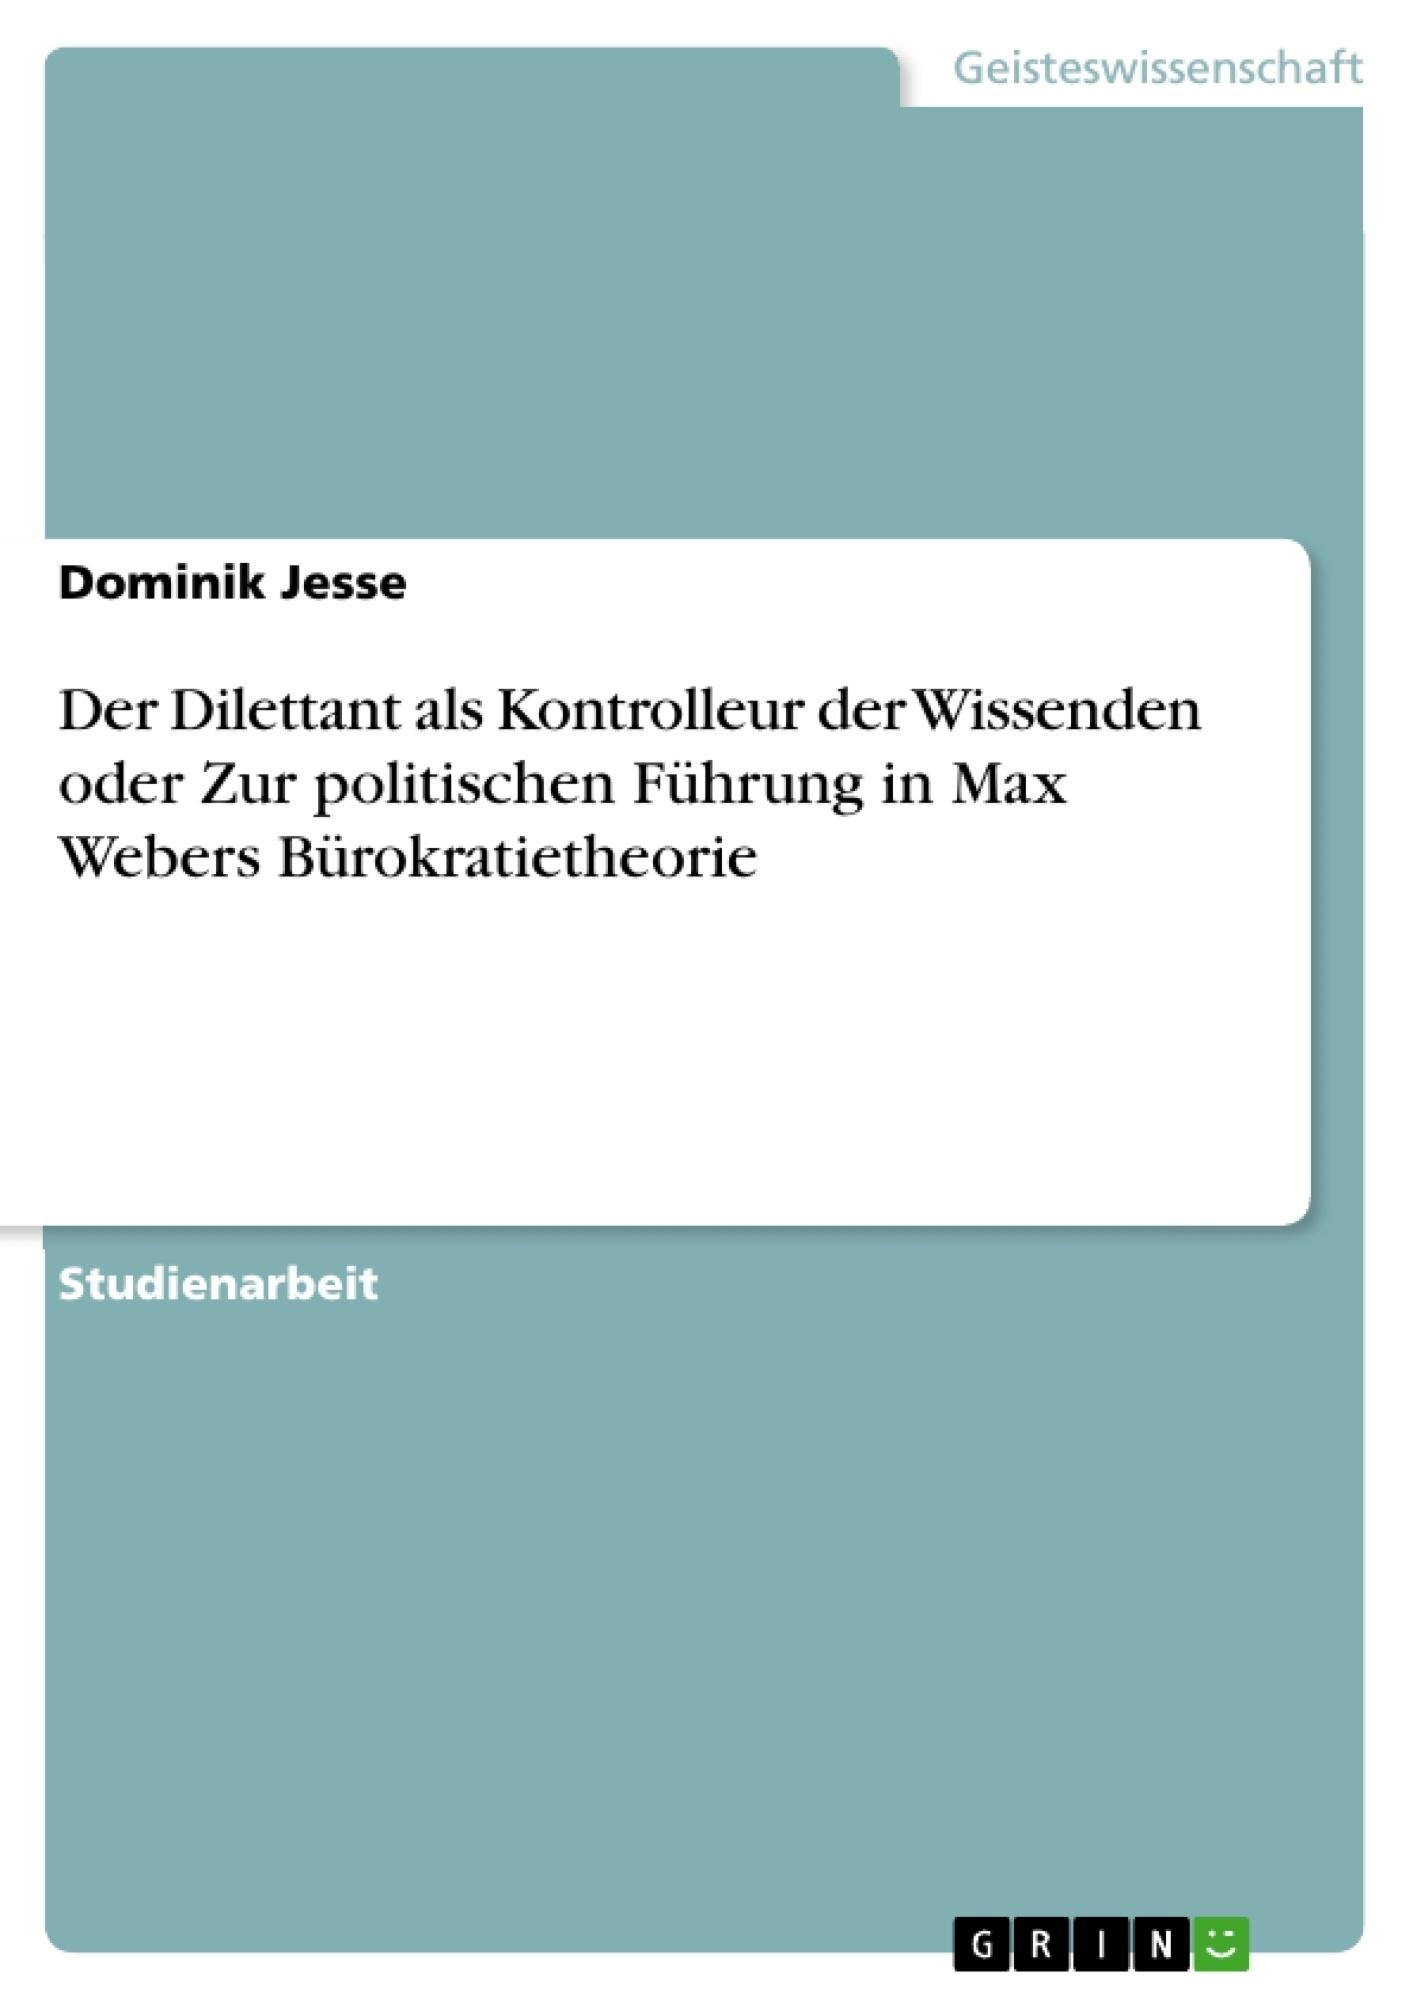 Titel: Der Dilettant als Kontrolleur der Wissenden oder Zur politischen Führung in Max Webers Bürokratietheorie